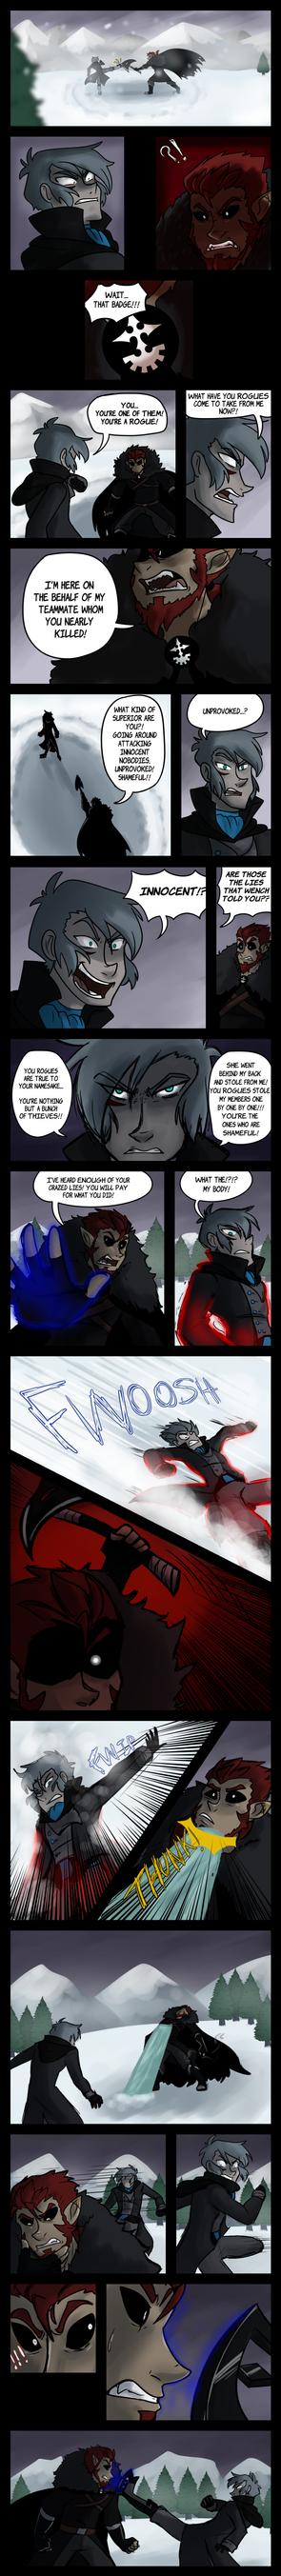 RoA: The Knight - Part 2 by Miniyuna